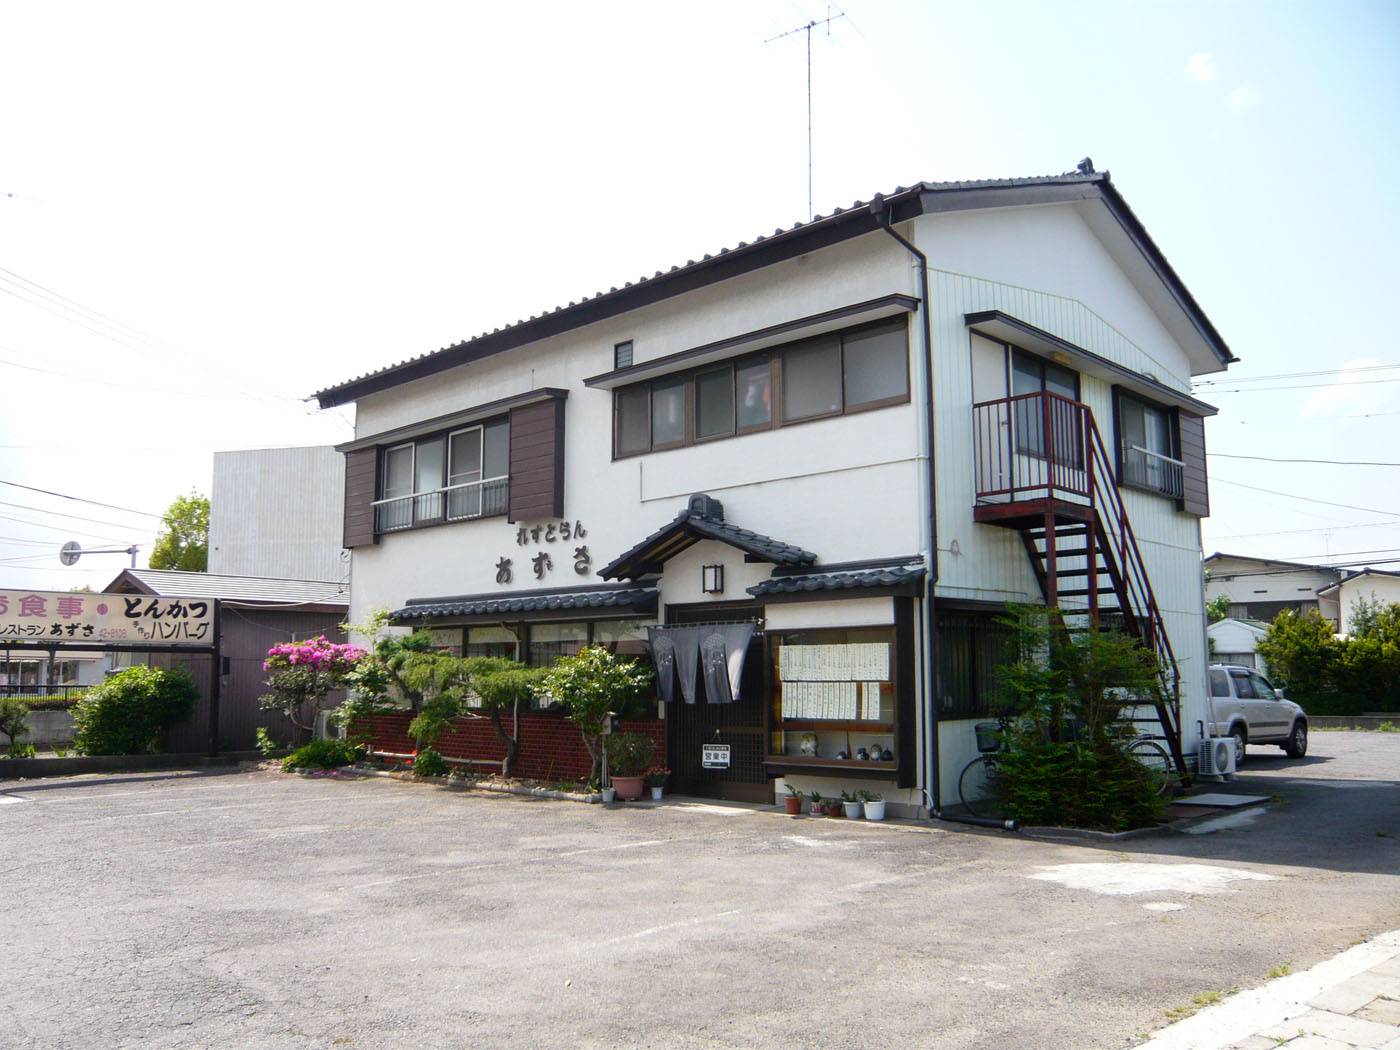 土浦 レストラン